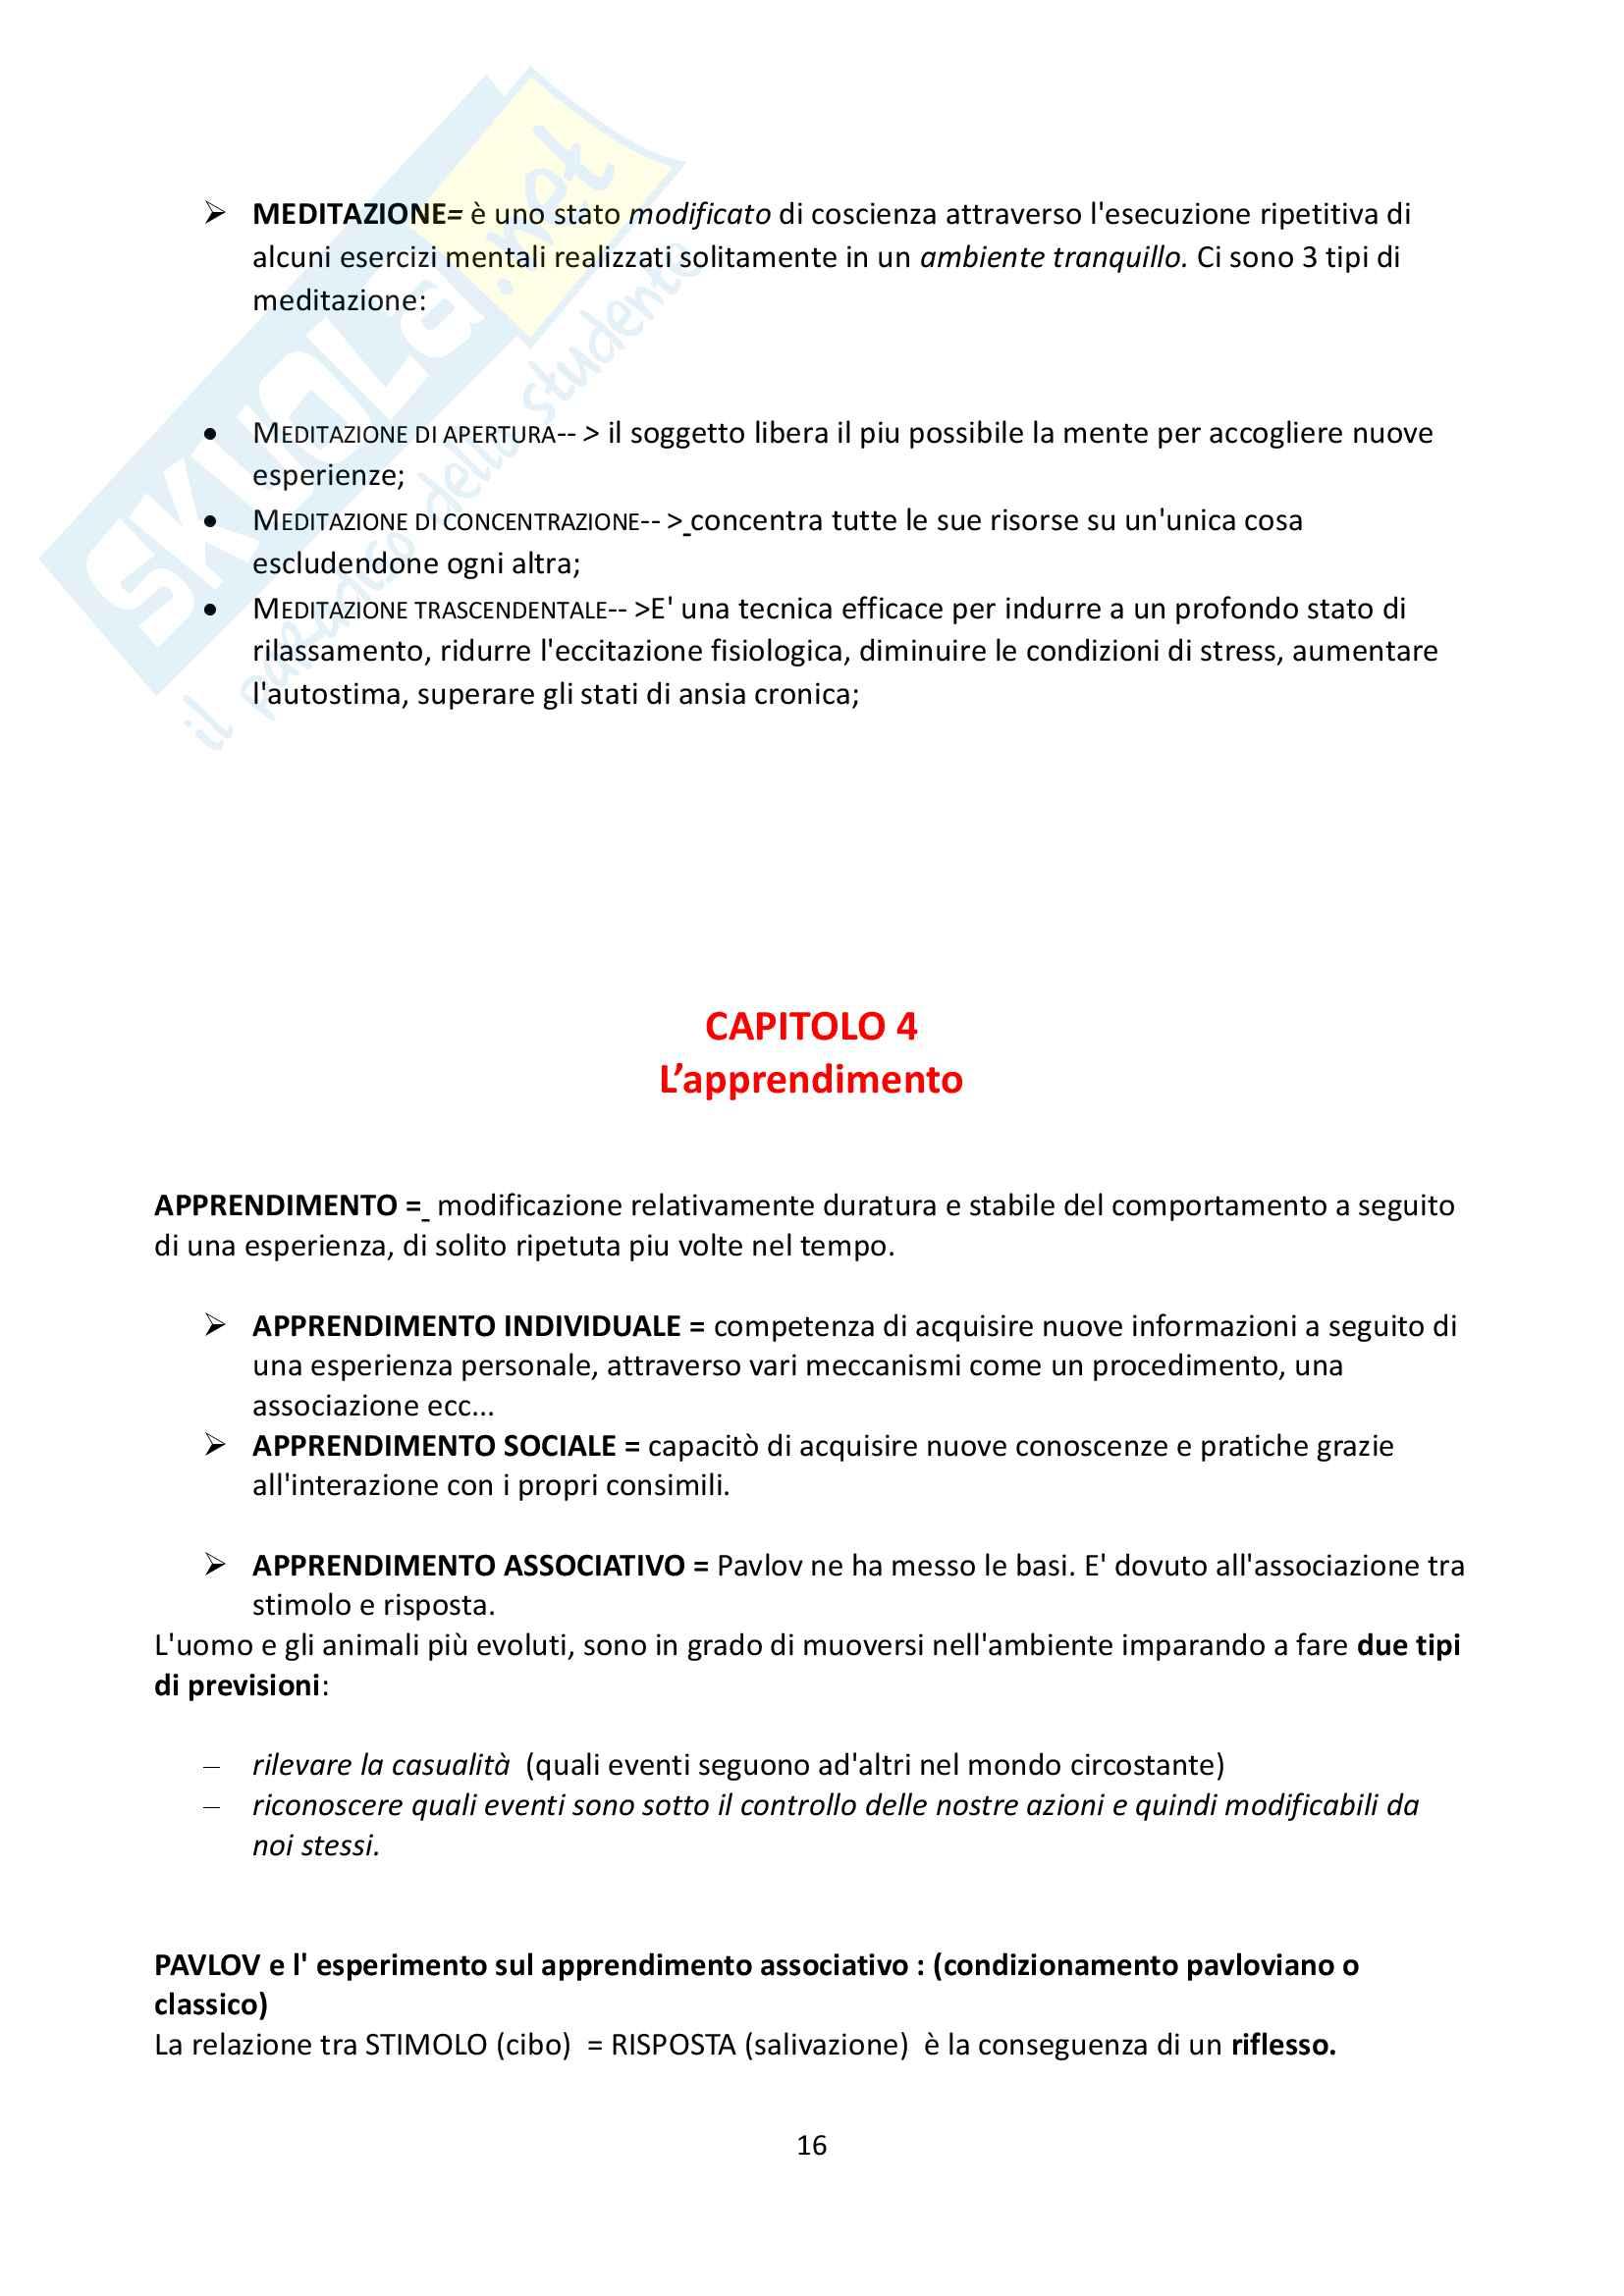 """Riassunto esame Psicologia Generale, docente Federici, libro consigliato """"Psicologia Generale"""" di L. Anolli e P. Legrenzi Pag. 16"""